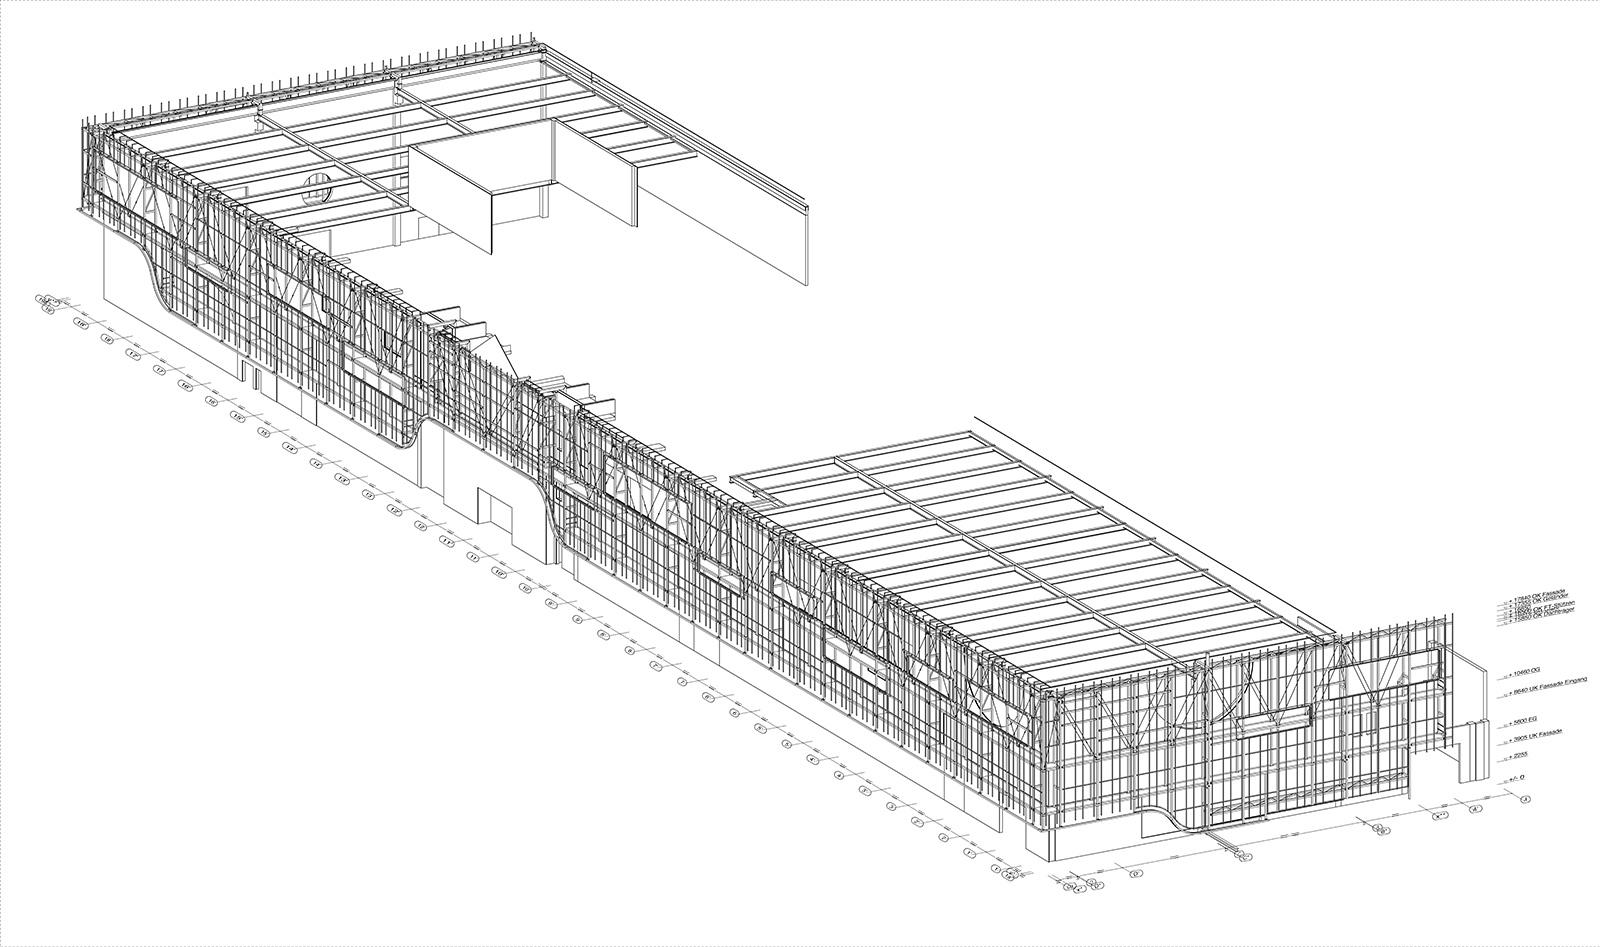 Edeka Berlin - Gesamtkonstruktion